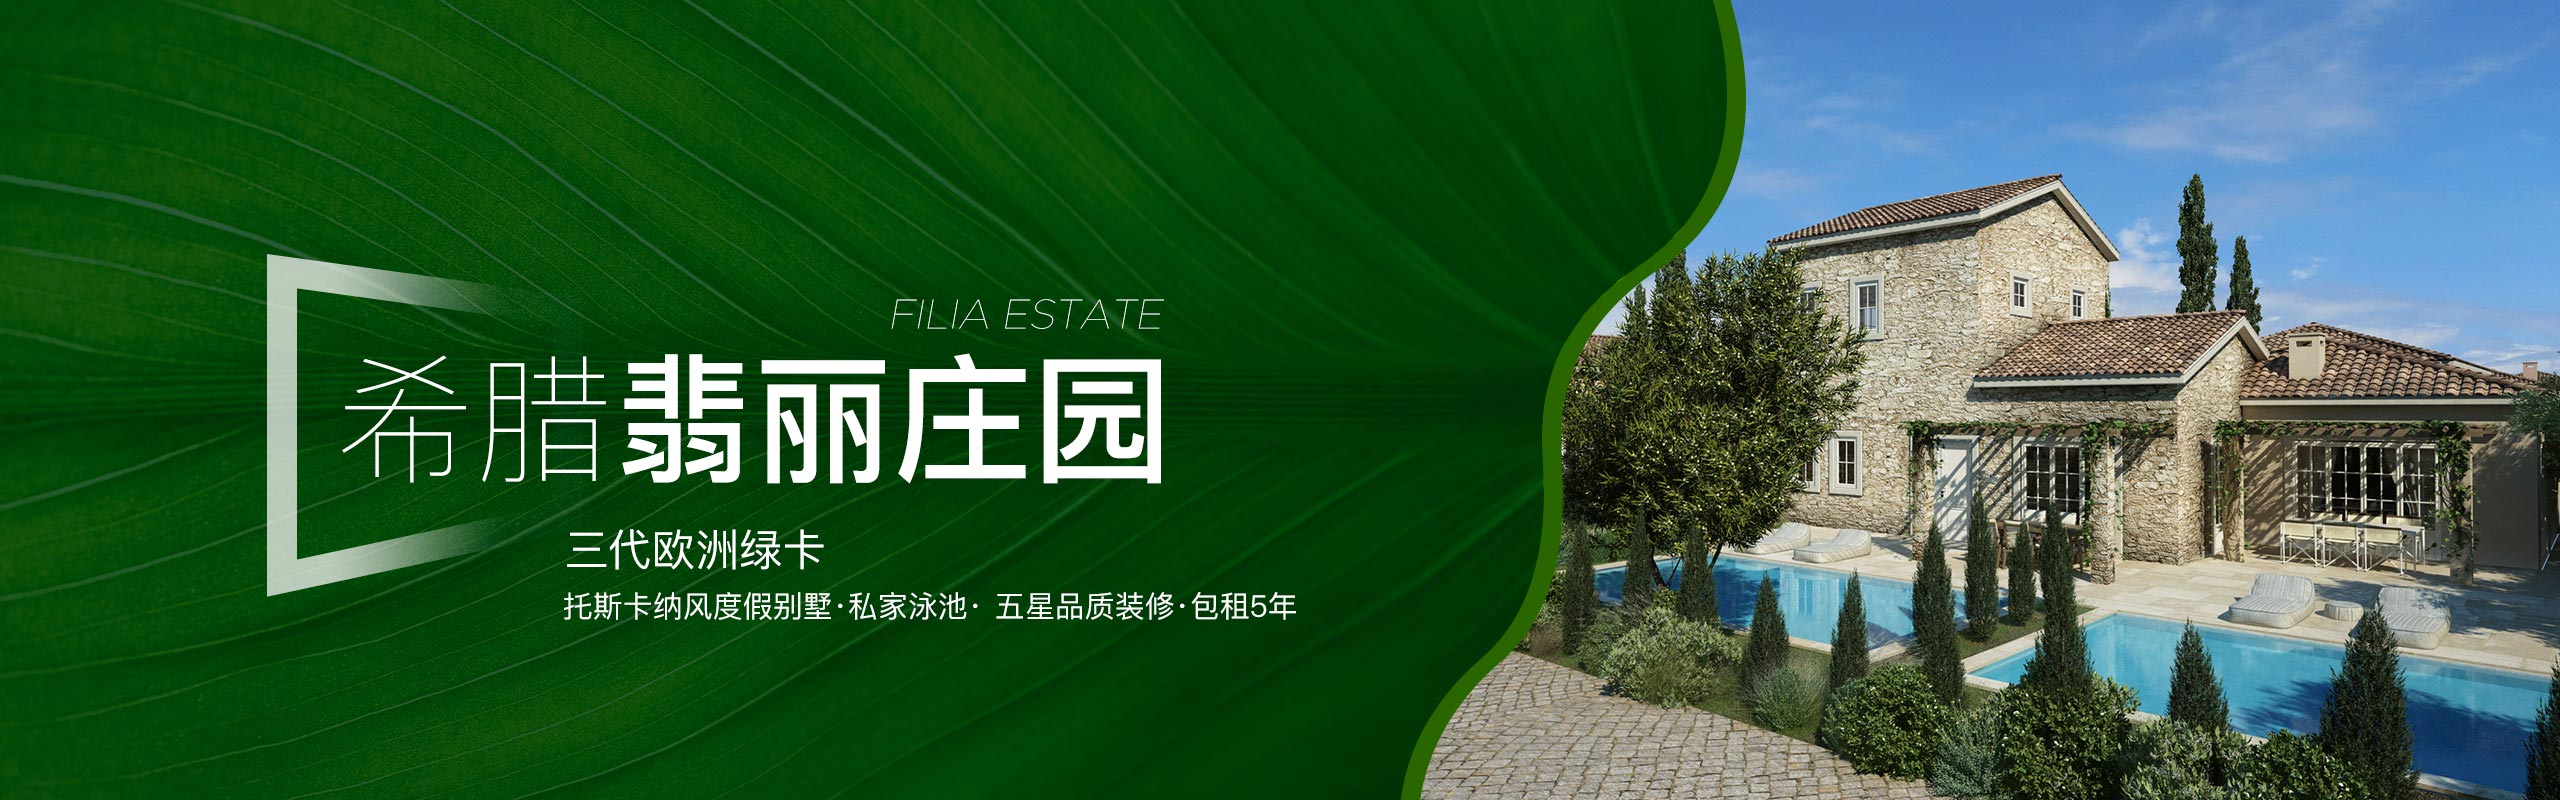 25万欧投资希腊翡丽庄园,全家3代欧洲绿卡,独栋别墅,私家泳池!